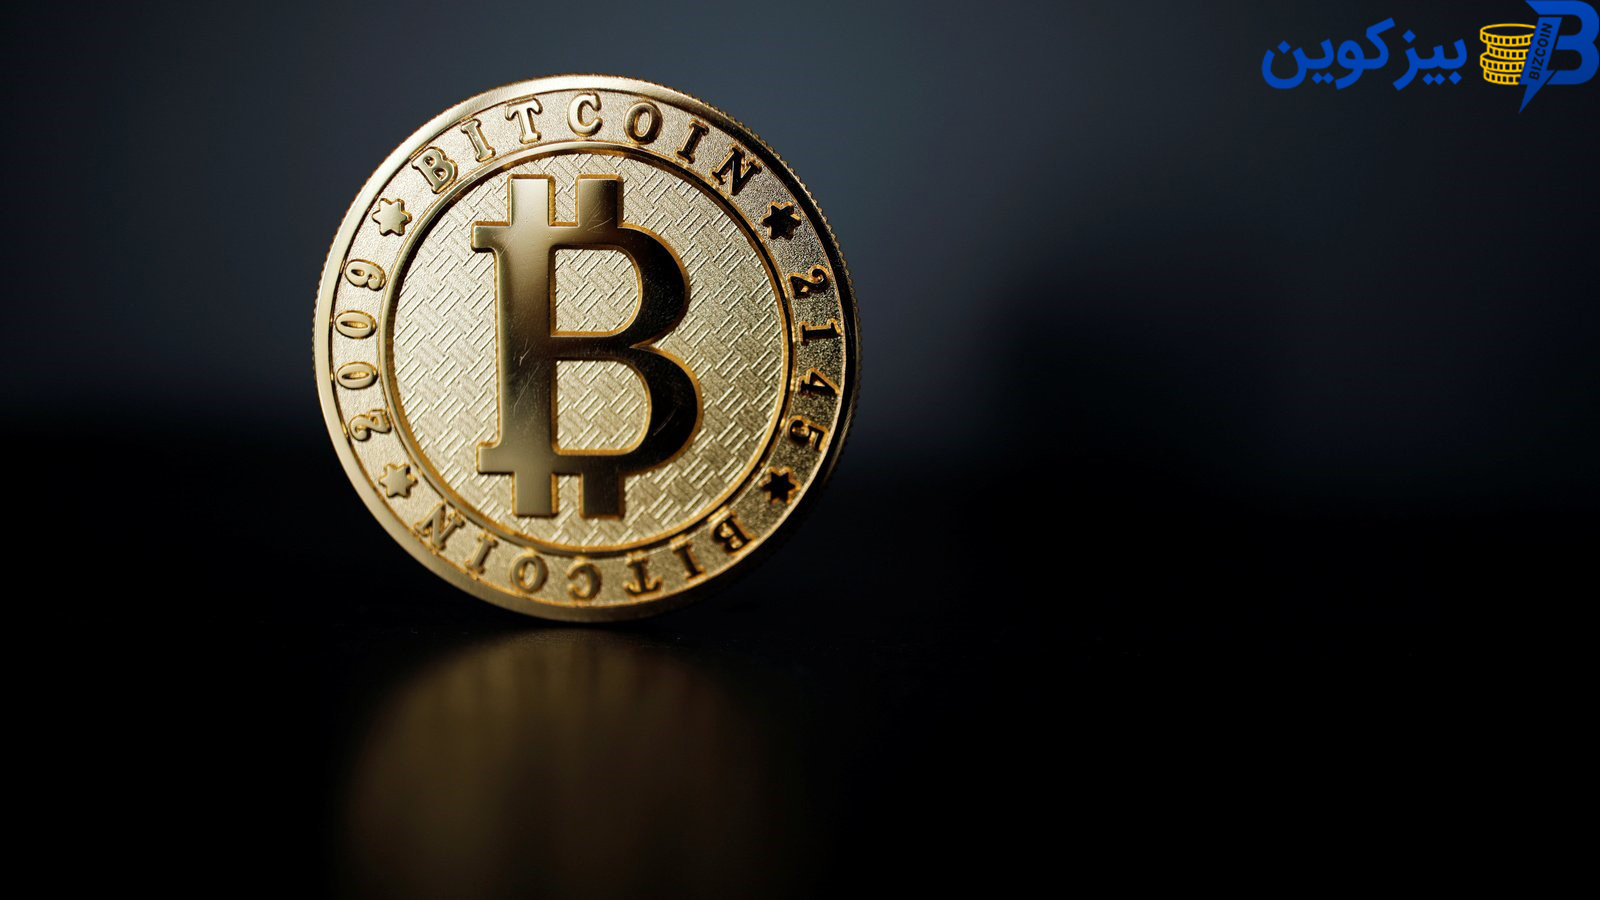 buy bitcoin for invest 6 خرید بیت کوین برای سرمایه گذاری به چه صورت است؟